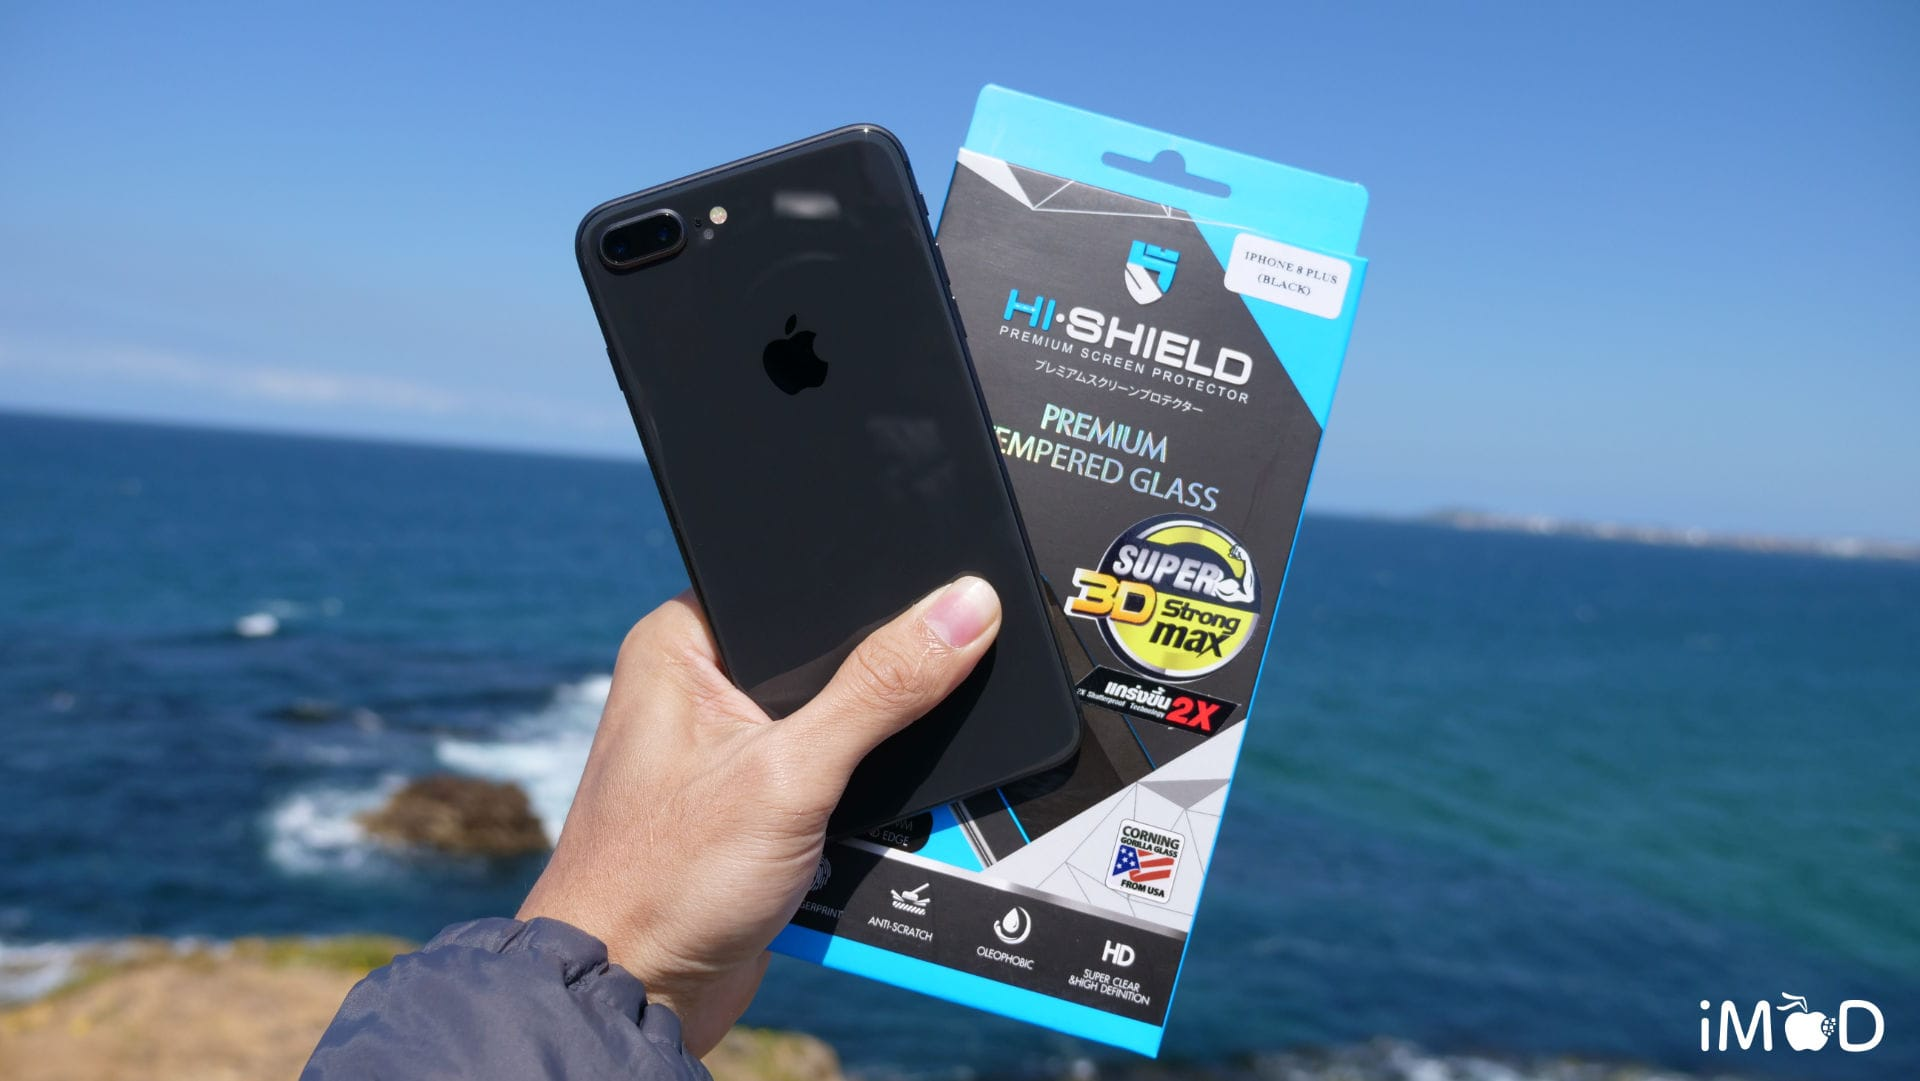 Hi Shield 3d Super Strong Max Iphone 8 Series 02